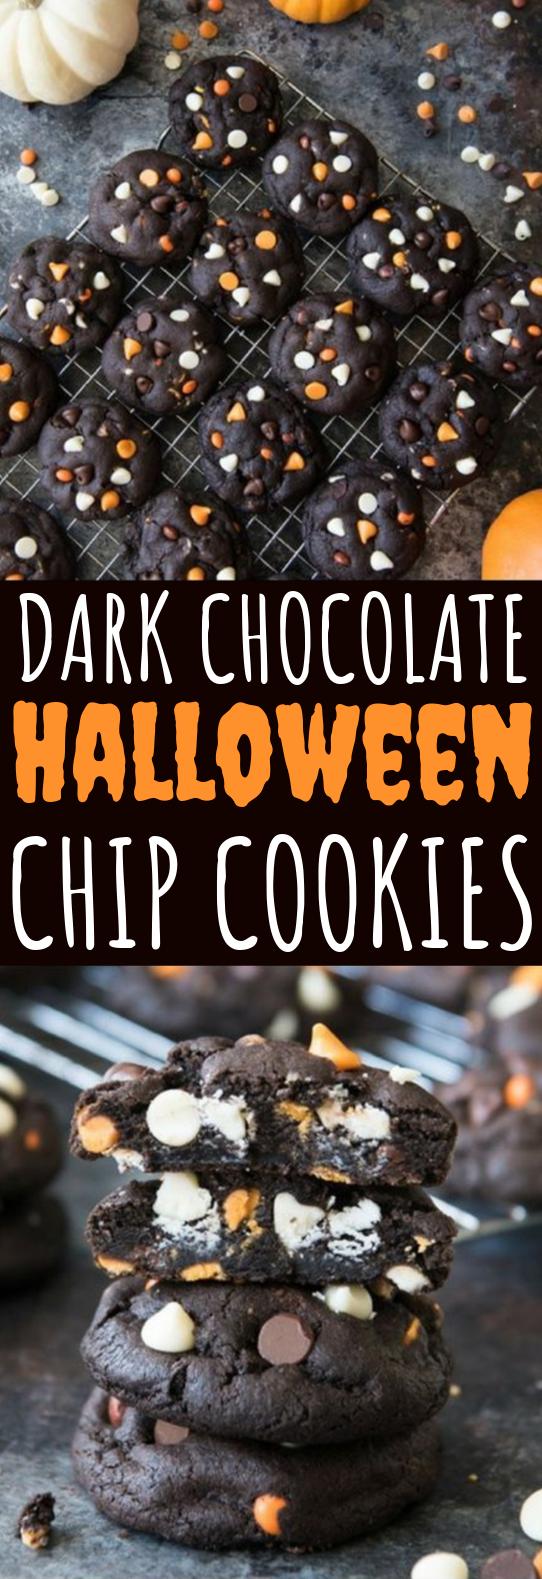 Dark Chocolate Halloween Chip Cookies #cookies #desserts